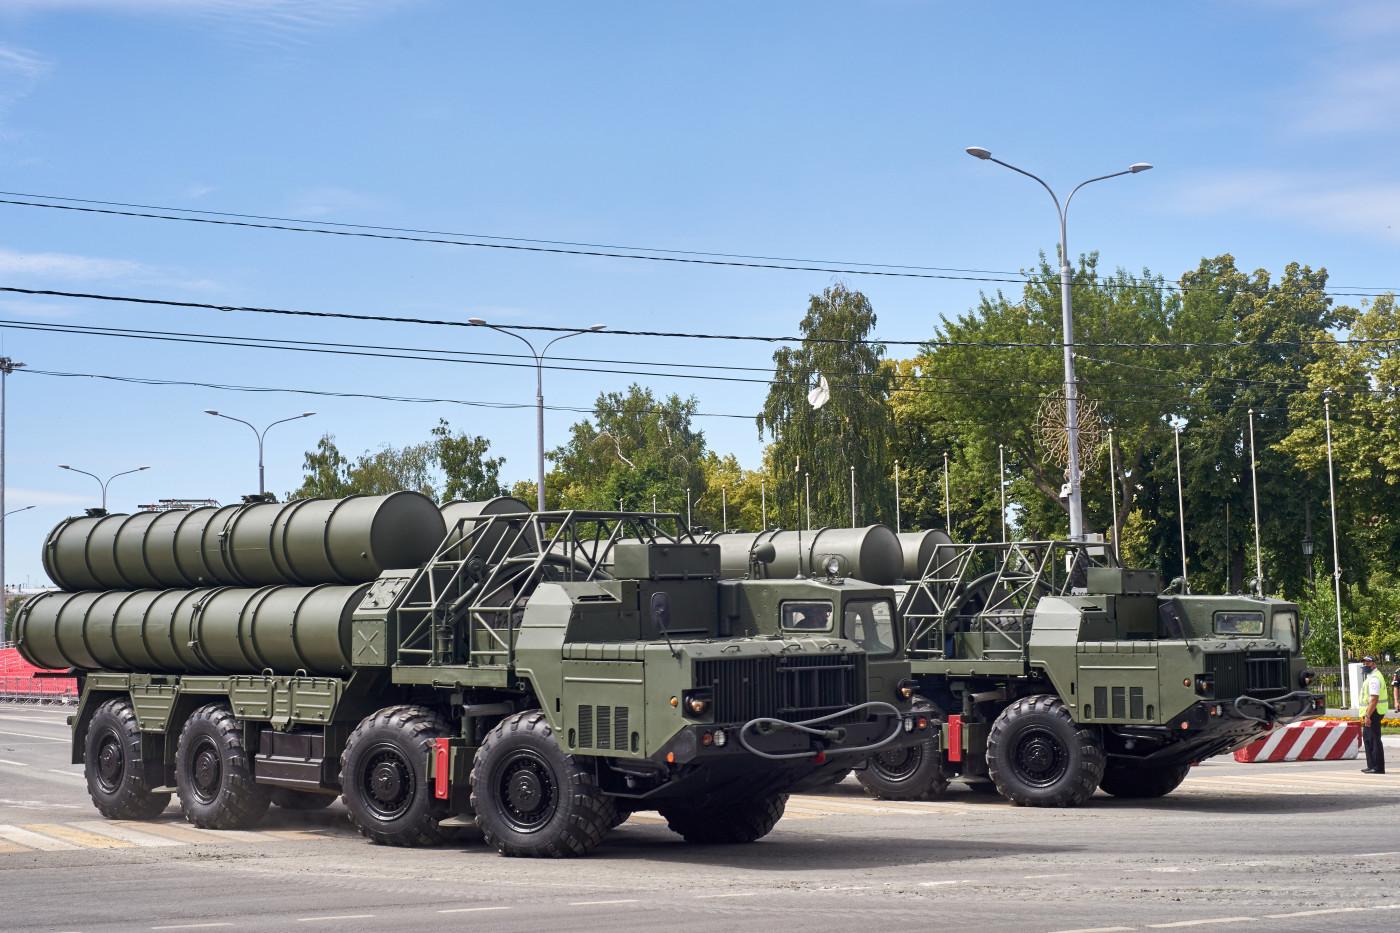 пусковая установка С-300ПС парадного расчета. г. Самара, ул. Вилоновская